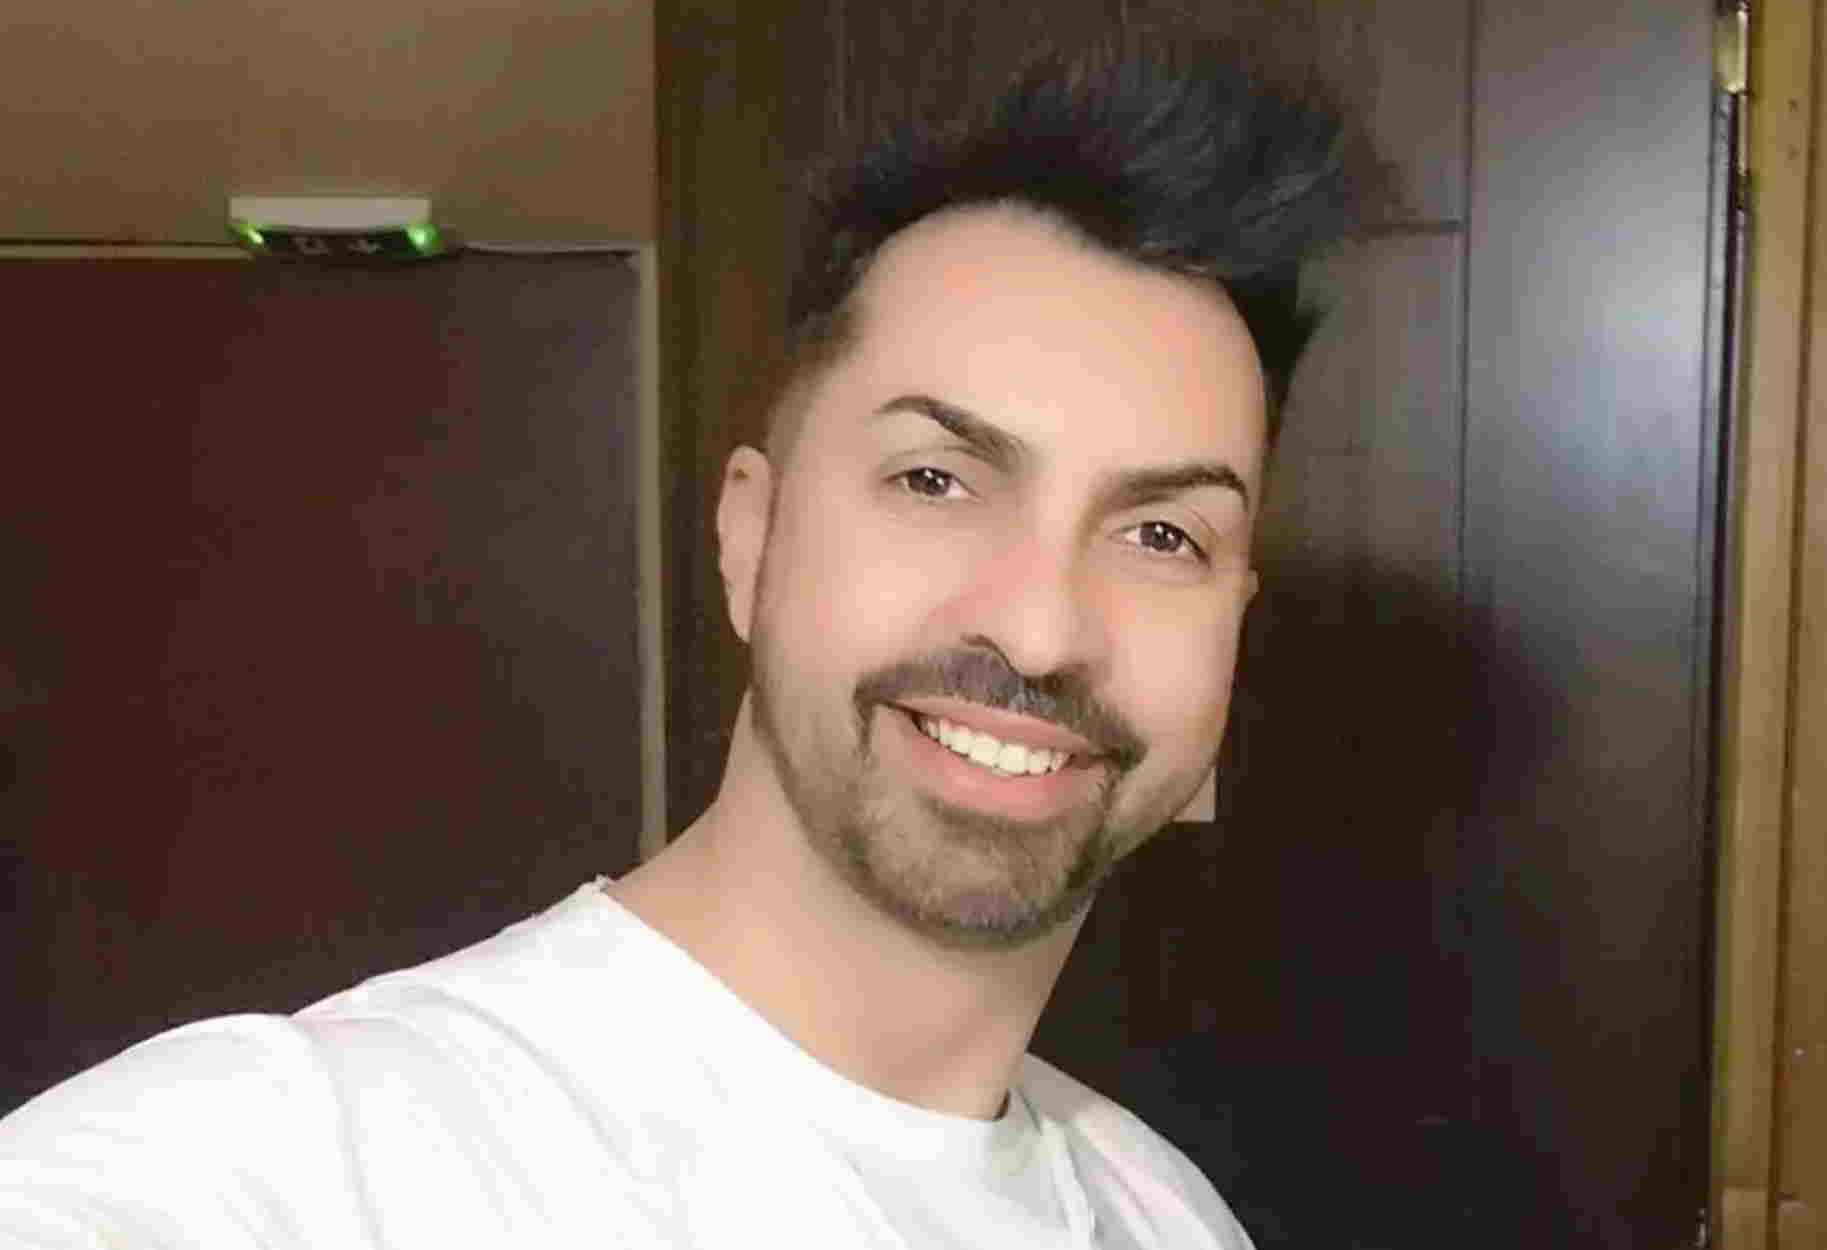 Κωνσταντίνος Μενούνος: Στο νοσοκομείο με κορονοϊό – «Δεν είχα οξυγόνο»